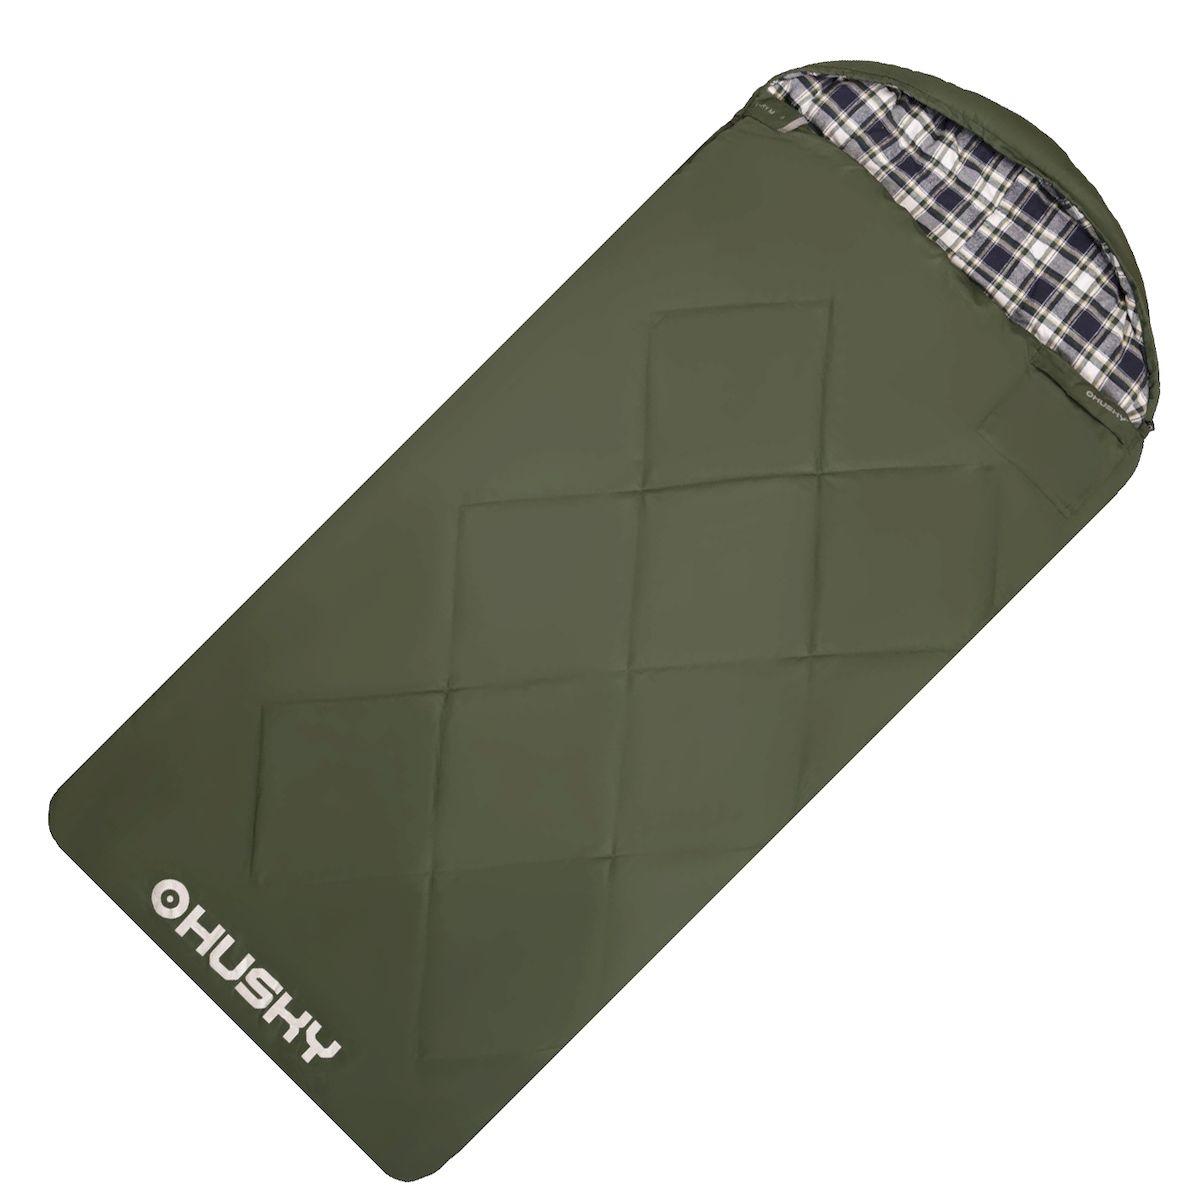 Спальник - одеяло Husky GARY -5С, правая молния, цвет: зеленыйATC-F-01Спальник-одеяло с подголовником до -5°C (НОВИНКА) GARY Двухслойный спальный мешок-одеяло для кемпинга. Утеплитель из 4-х канального холофайбера, превосходная комбинация теплового комфорта с комфортом традиционного спального мешка-одеяла. Gary можно использовать не только на природе, но и в помещении как традиционное одеяло. Размеры: 90х220 см Размеры в сложенном виде: 45х37х20 см Вес: 2850 г Экстремальная температура: -5 С Комфортная температура: -0 С ... +5 С - Внешний материал: Pongee 75D 210T (лен) - Внутренний материал: флис (полиэстер) - Утеплитель: 2 слоя 150 г/м2 HollowFibre, - Конструкция: два слоя - Компрессионный мешок - Петли для сушки